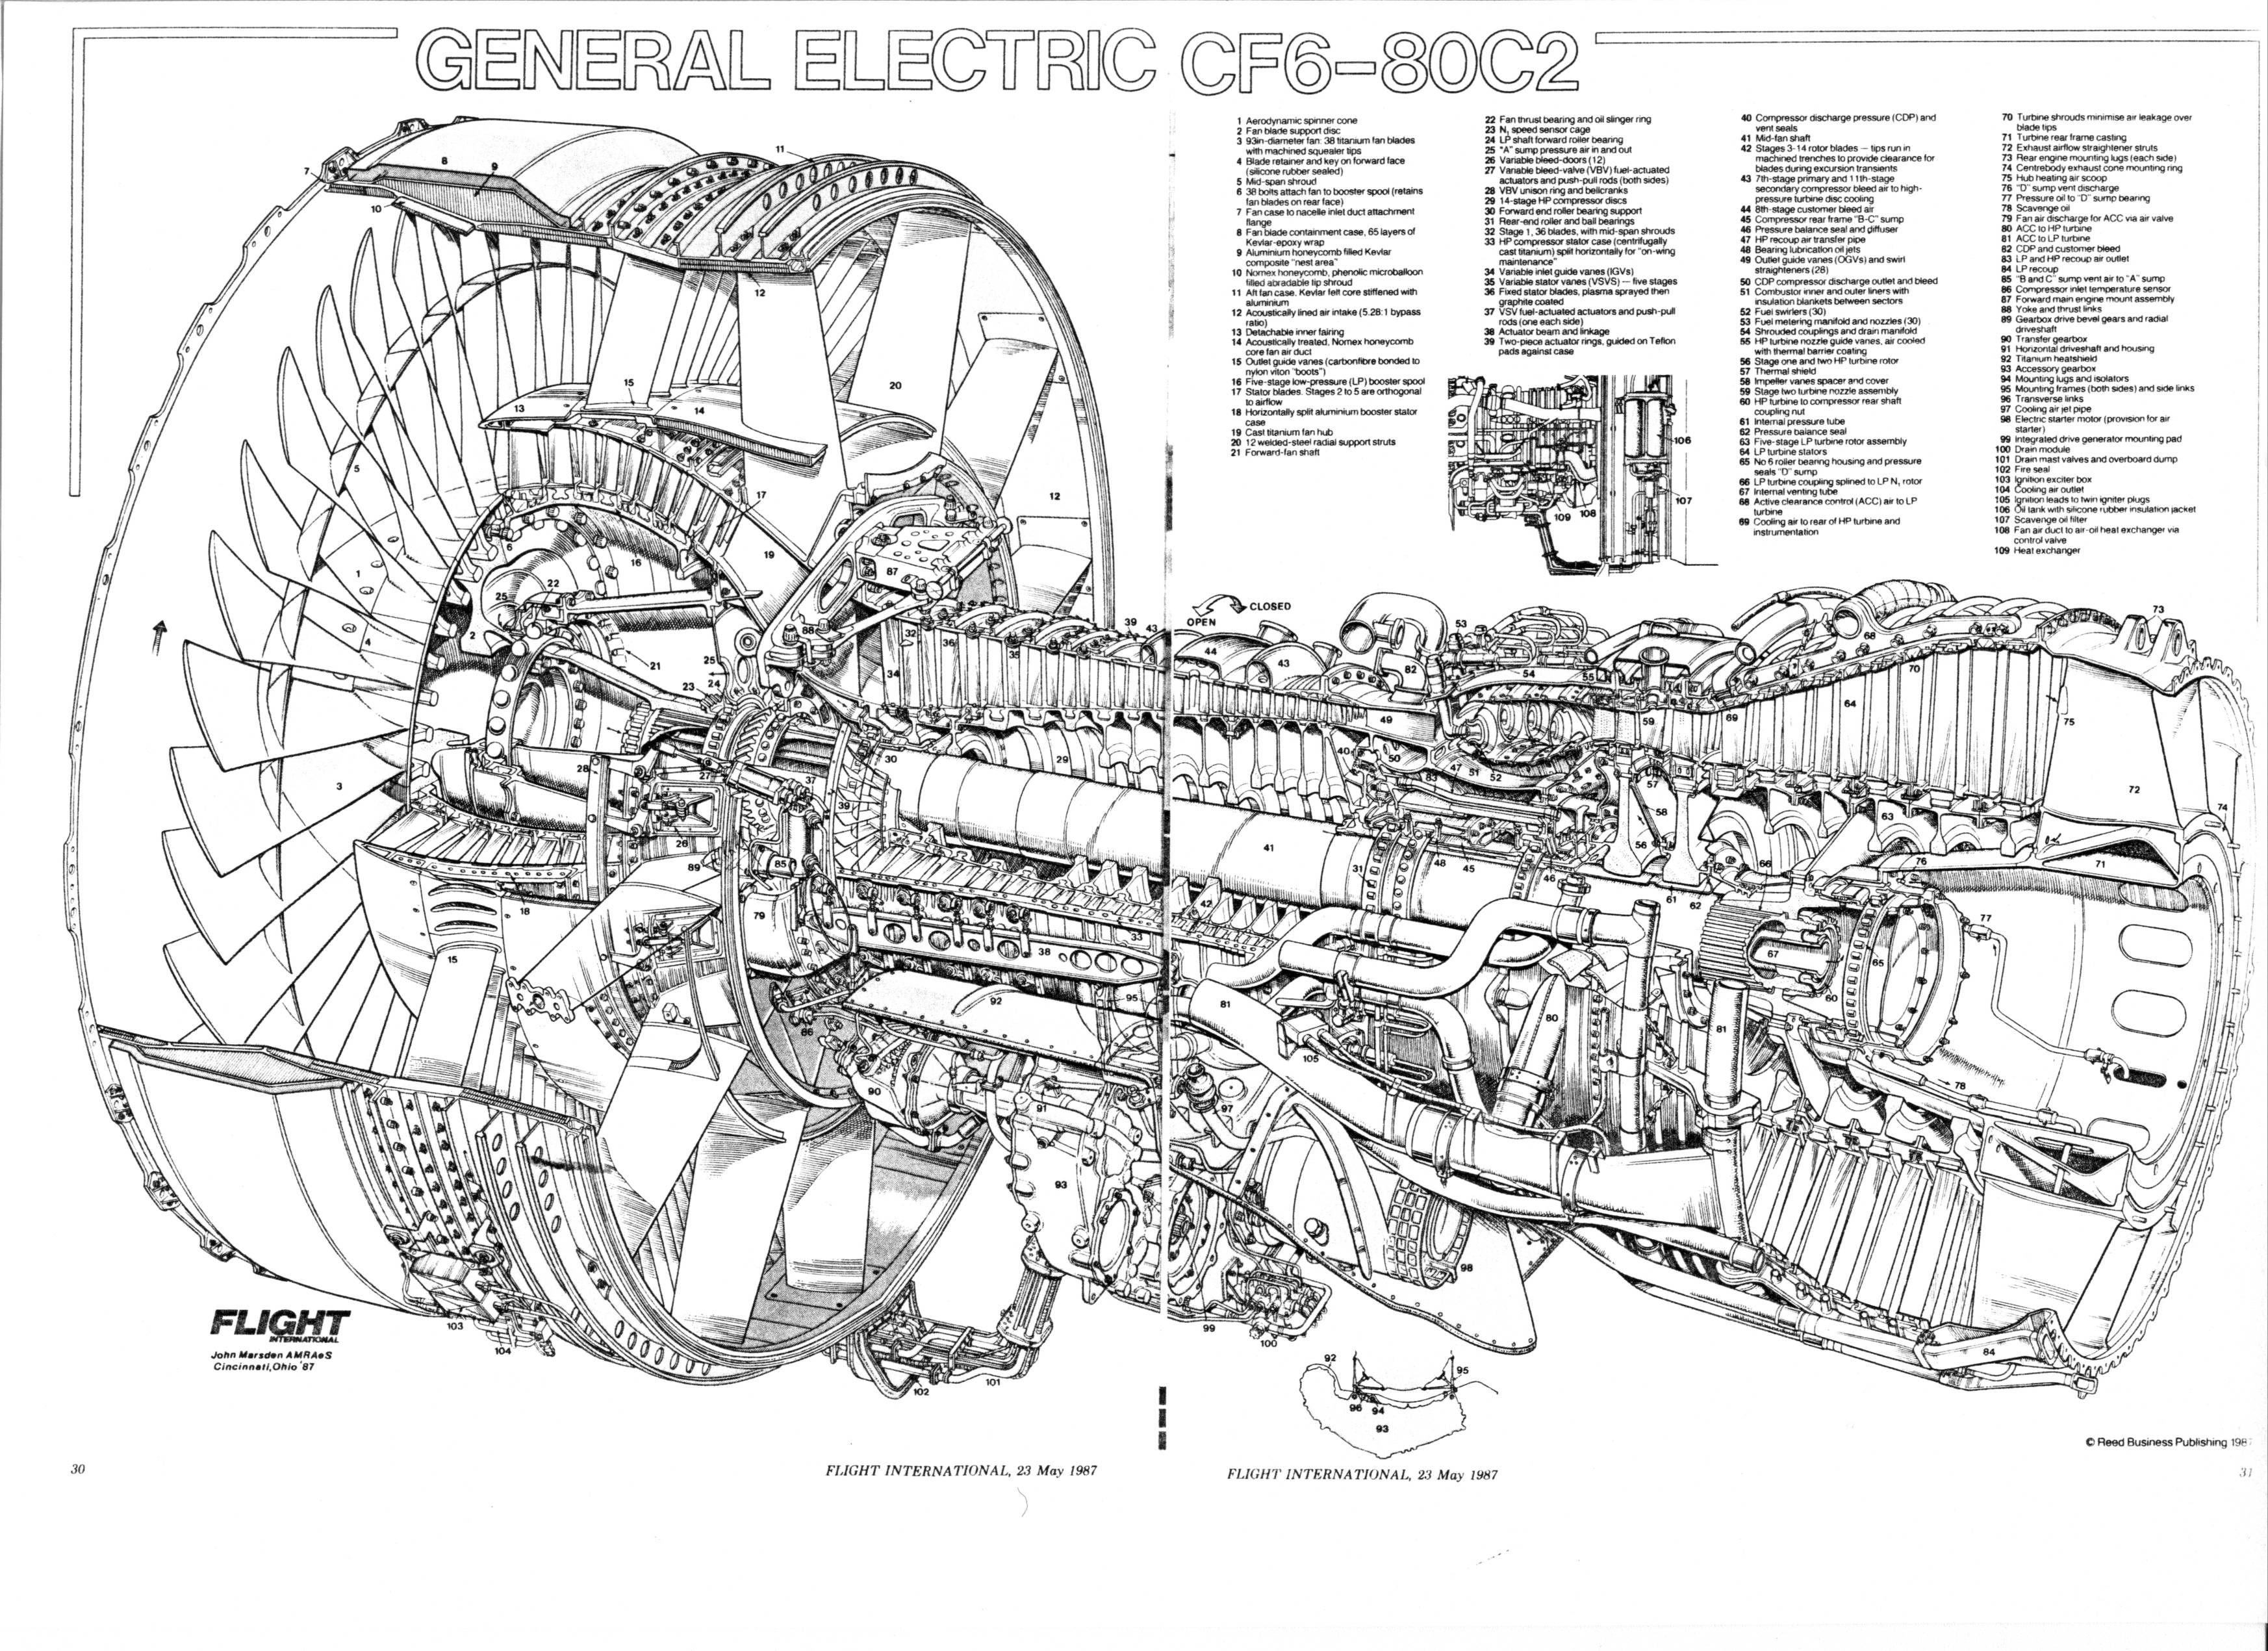 General Electric CF680C2 cutaway | Aerospace cutaways and